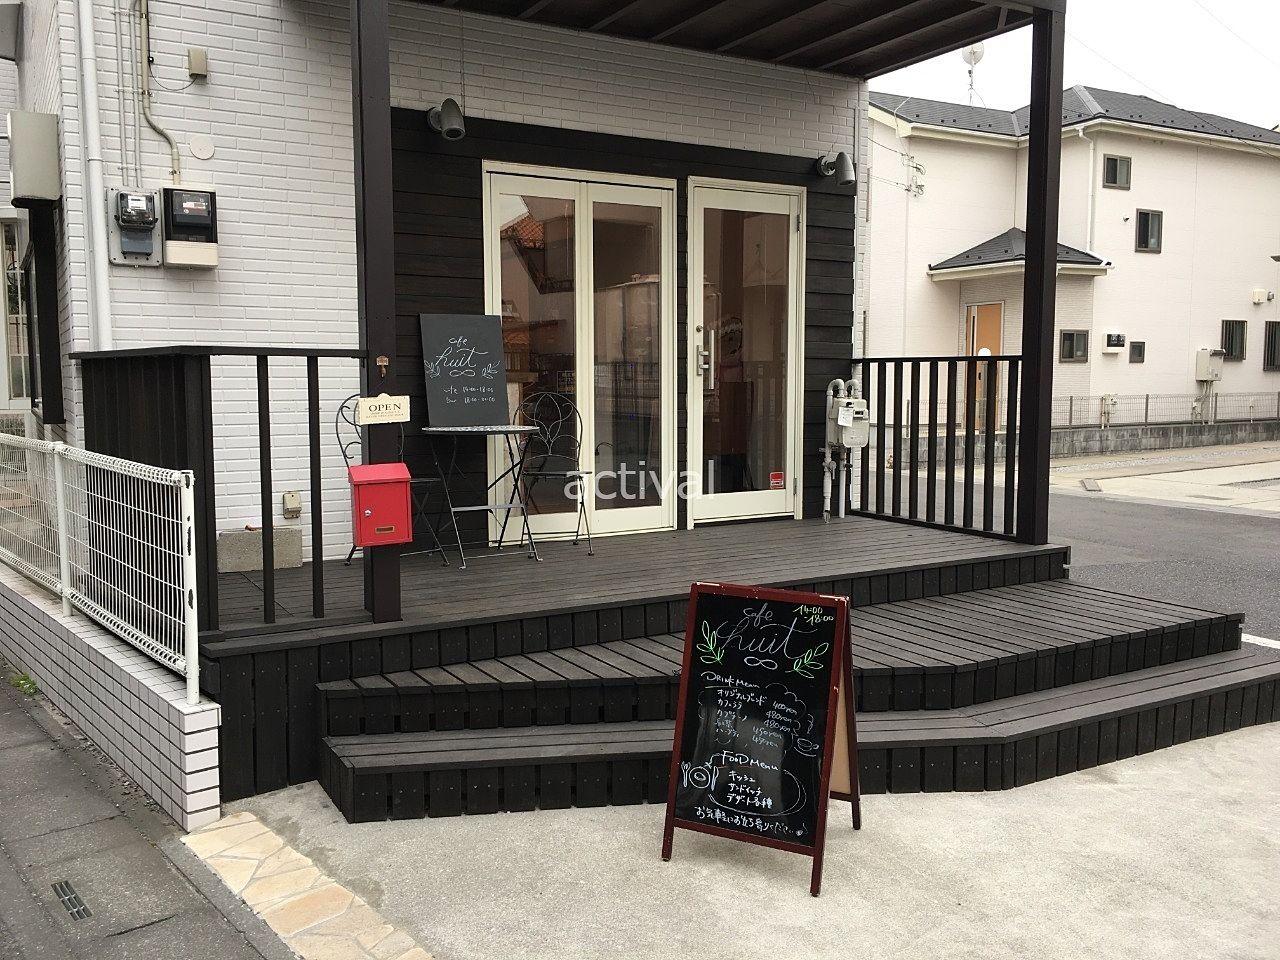 越谷市赤山町にあるカフェ「Cafe huit(カフェユイット)」さんのお店がこちらです!